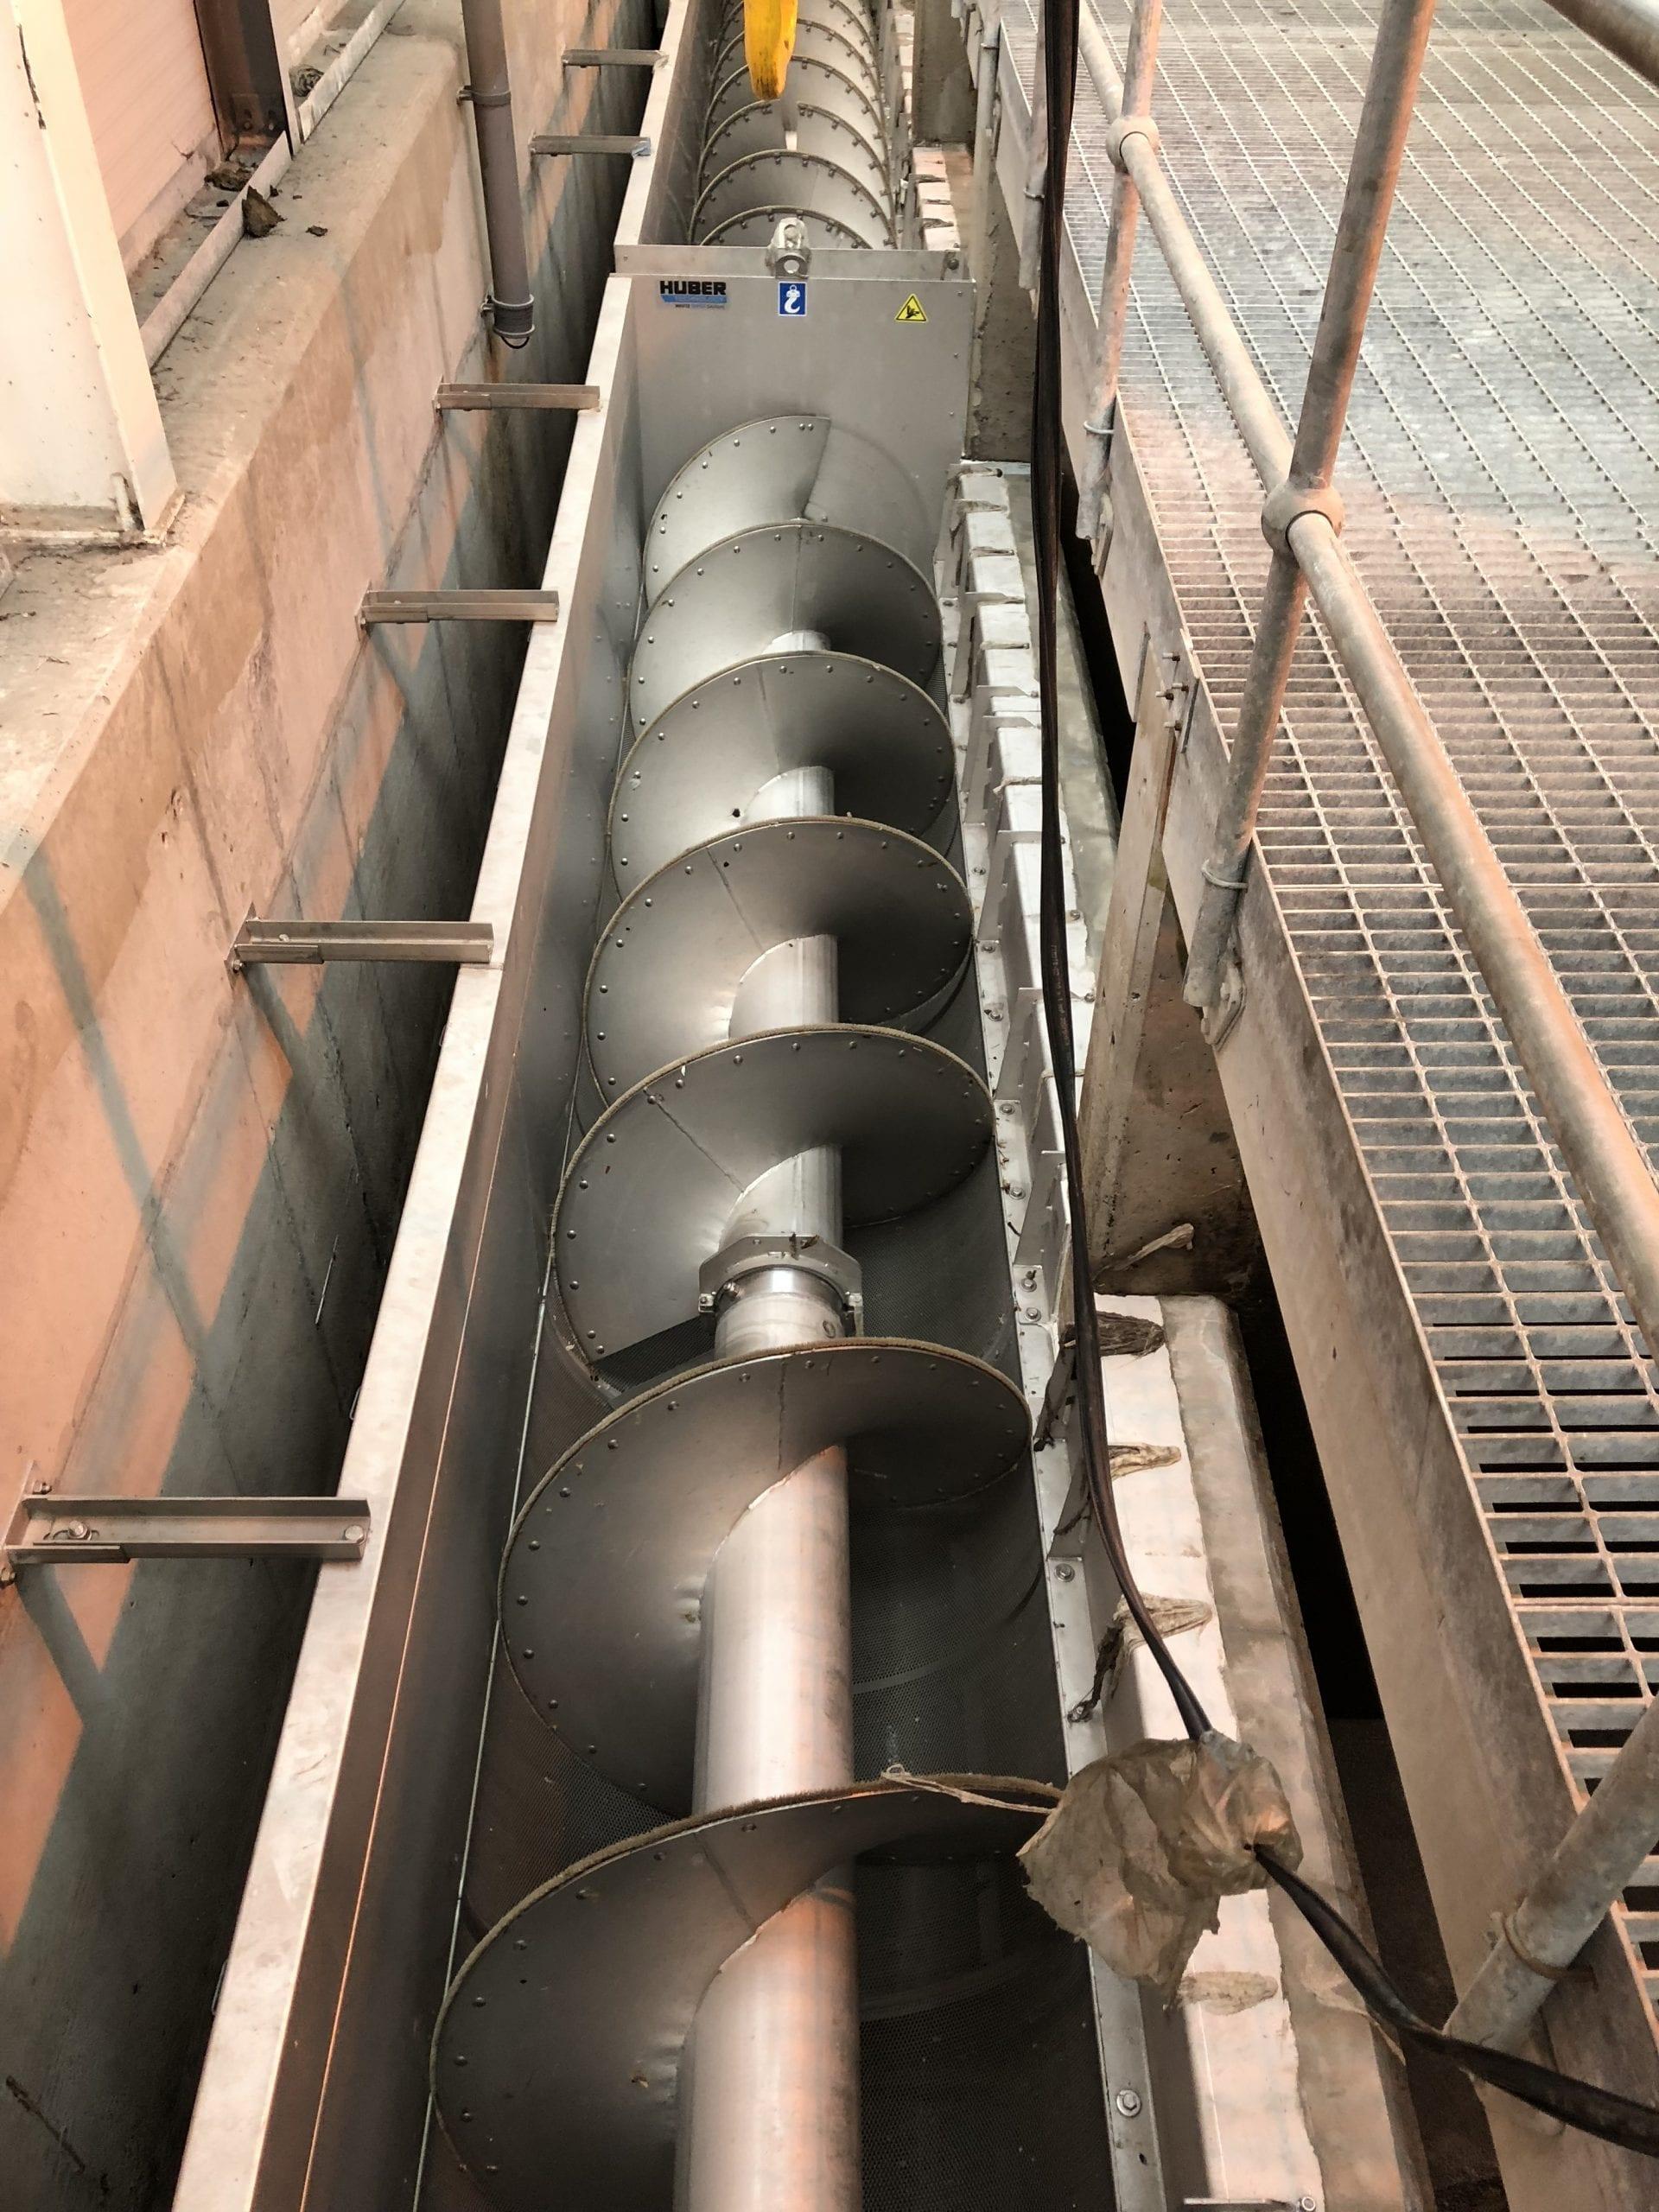 Sydenham Sewage Pumping Station (WwTW) Image